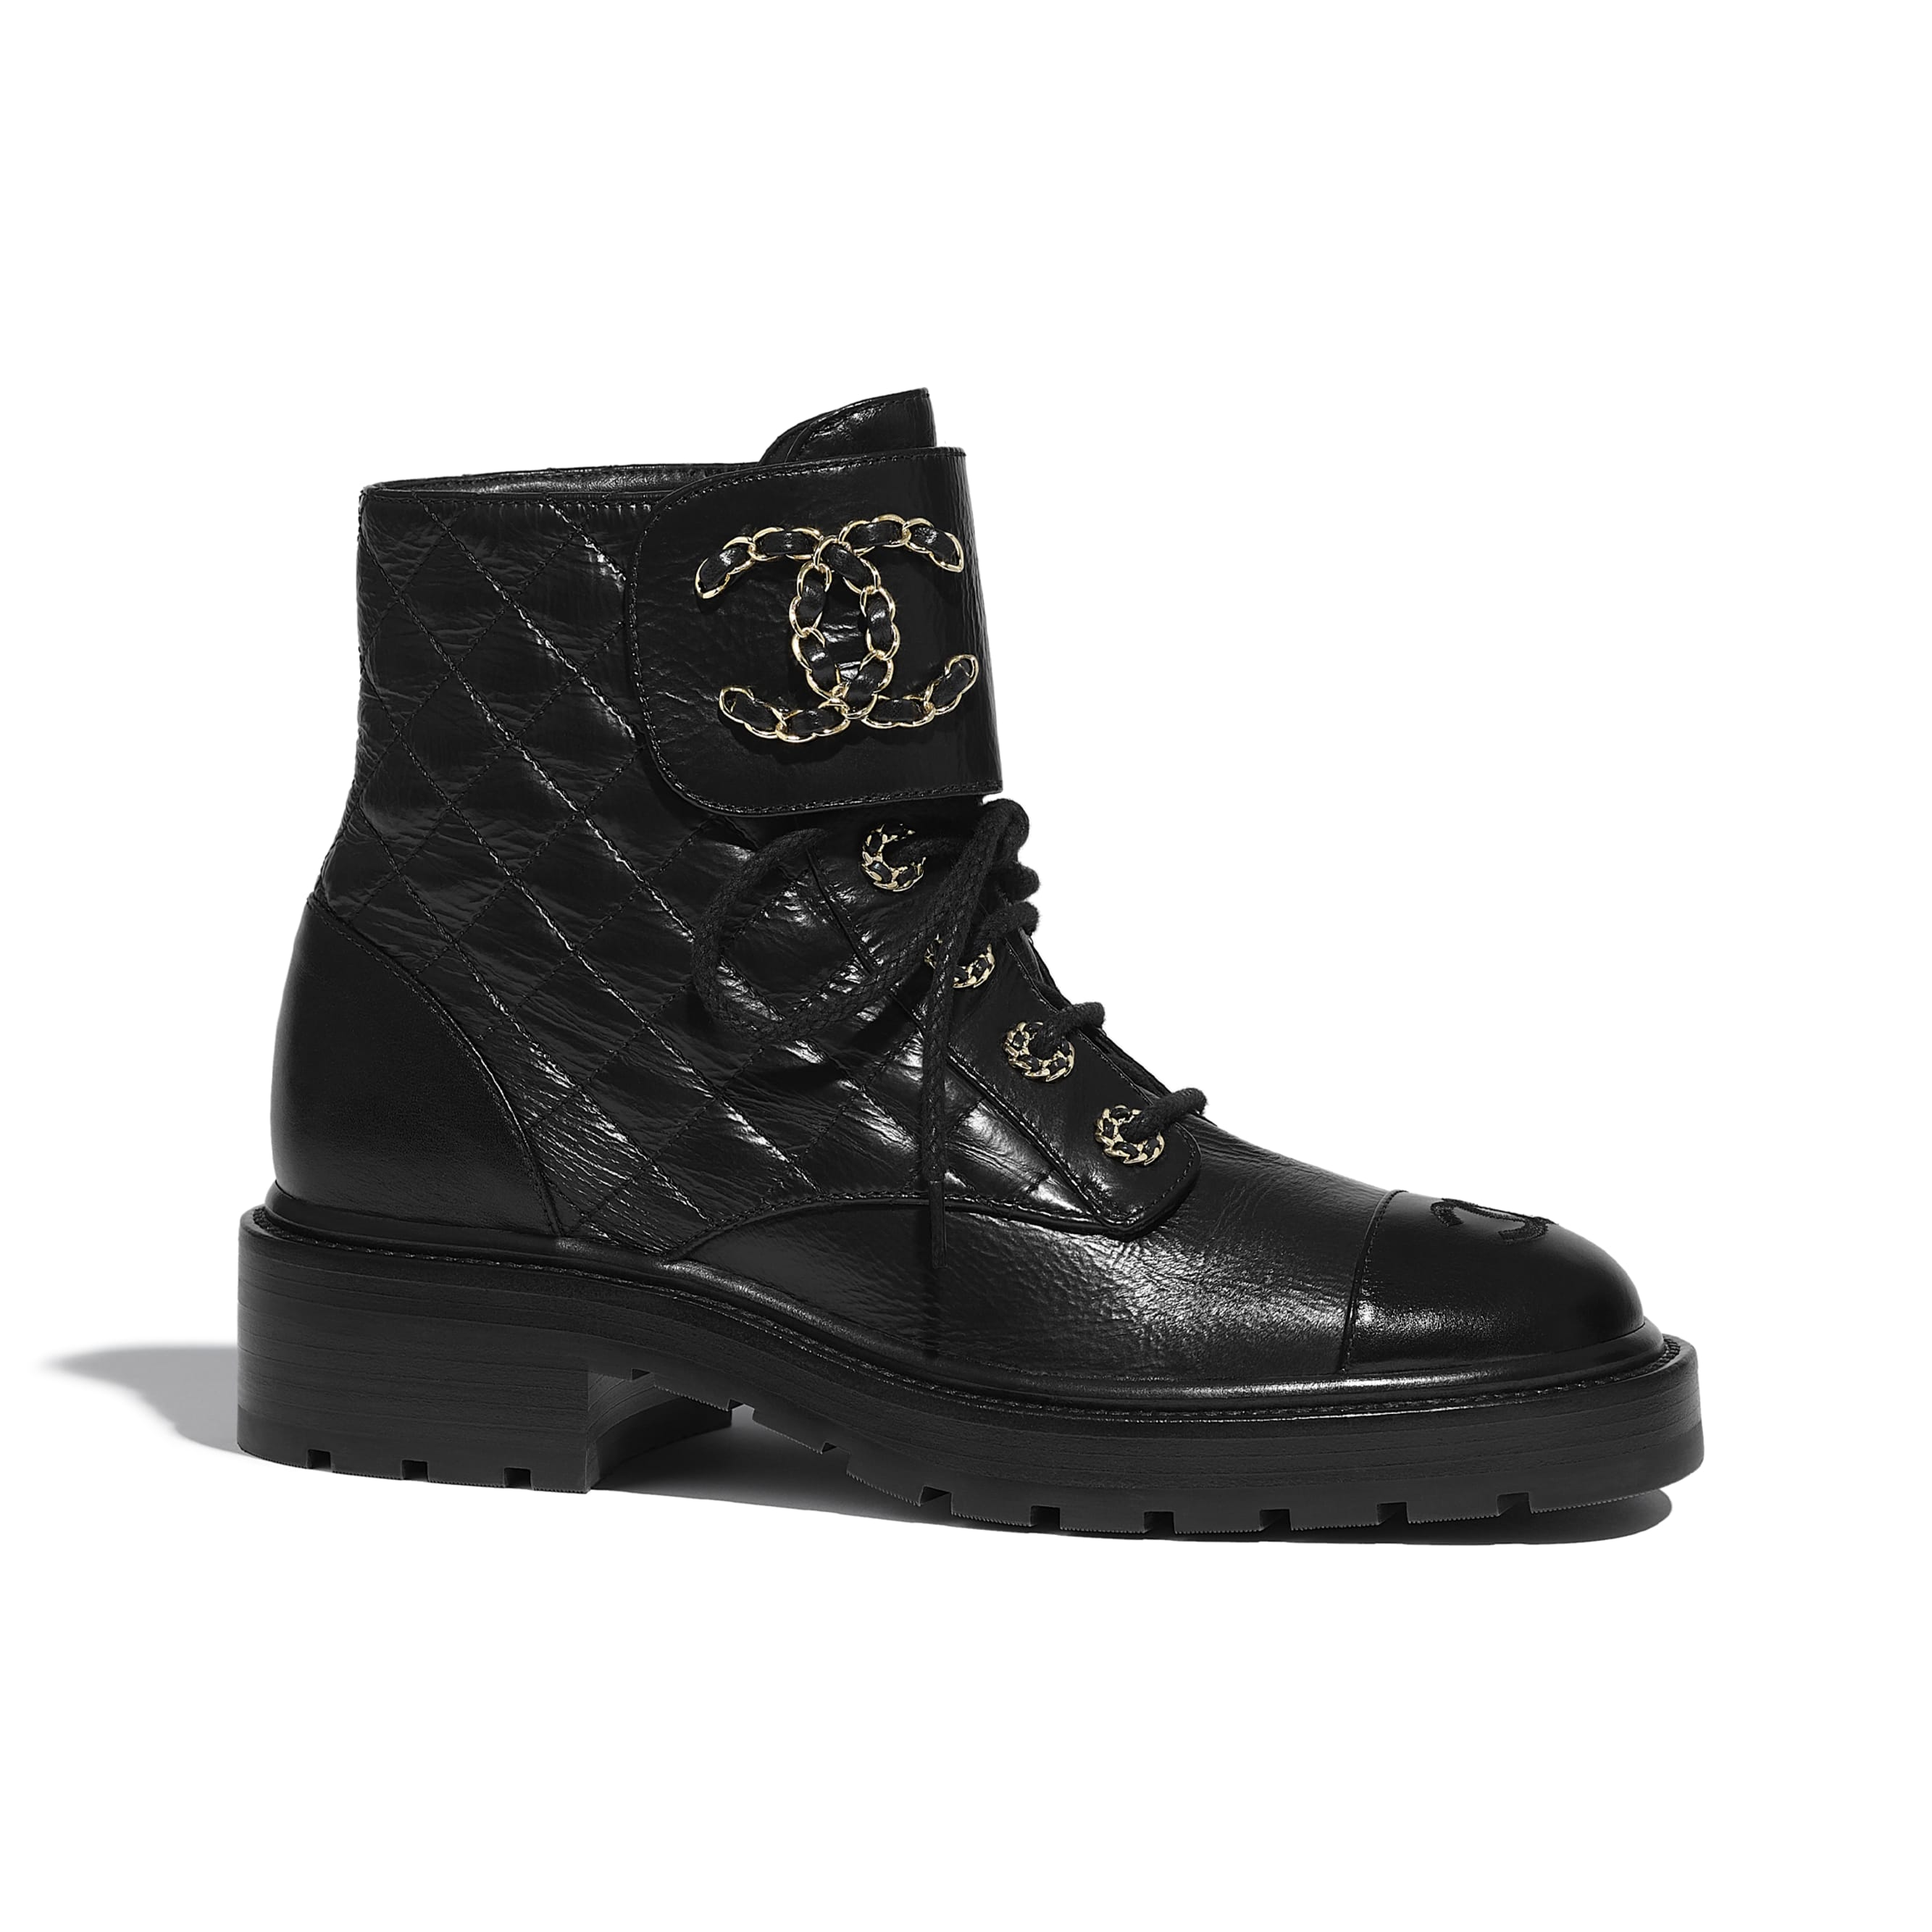 รองเท้าหุ้มส้นผูกเชือก - สีดำ - หนังแพะเคลือบเงาและหนังลูกวัว - CHANEL - มุมมองปัจจุบัน - ดูเวอร์ชันขนาดมาตรฐาน